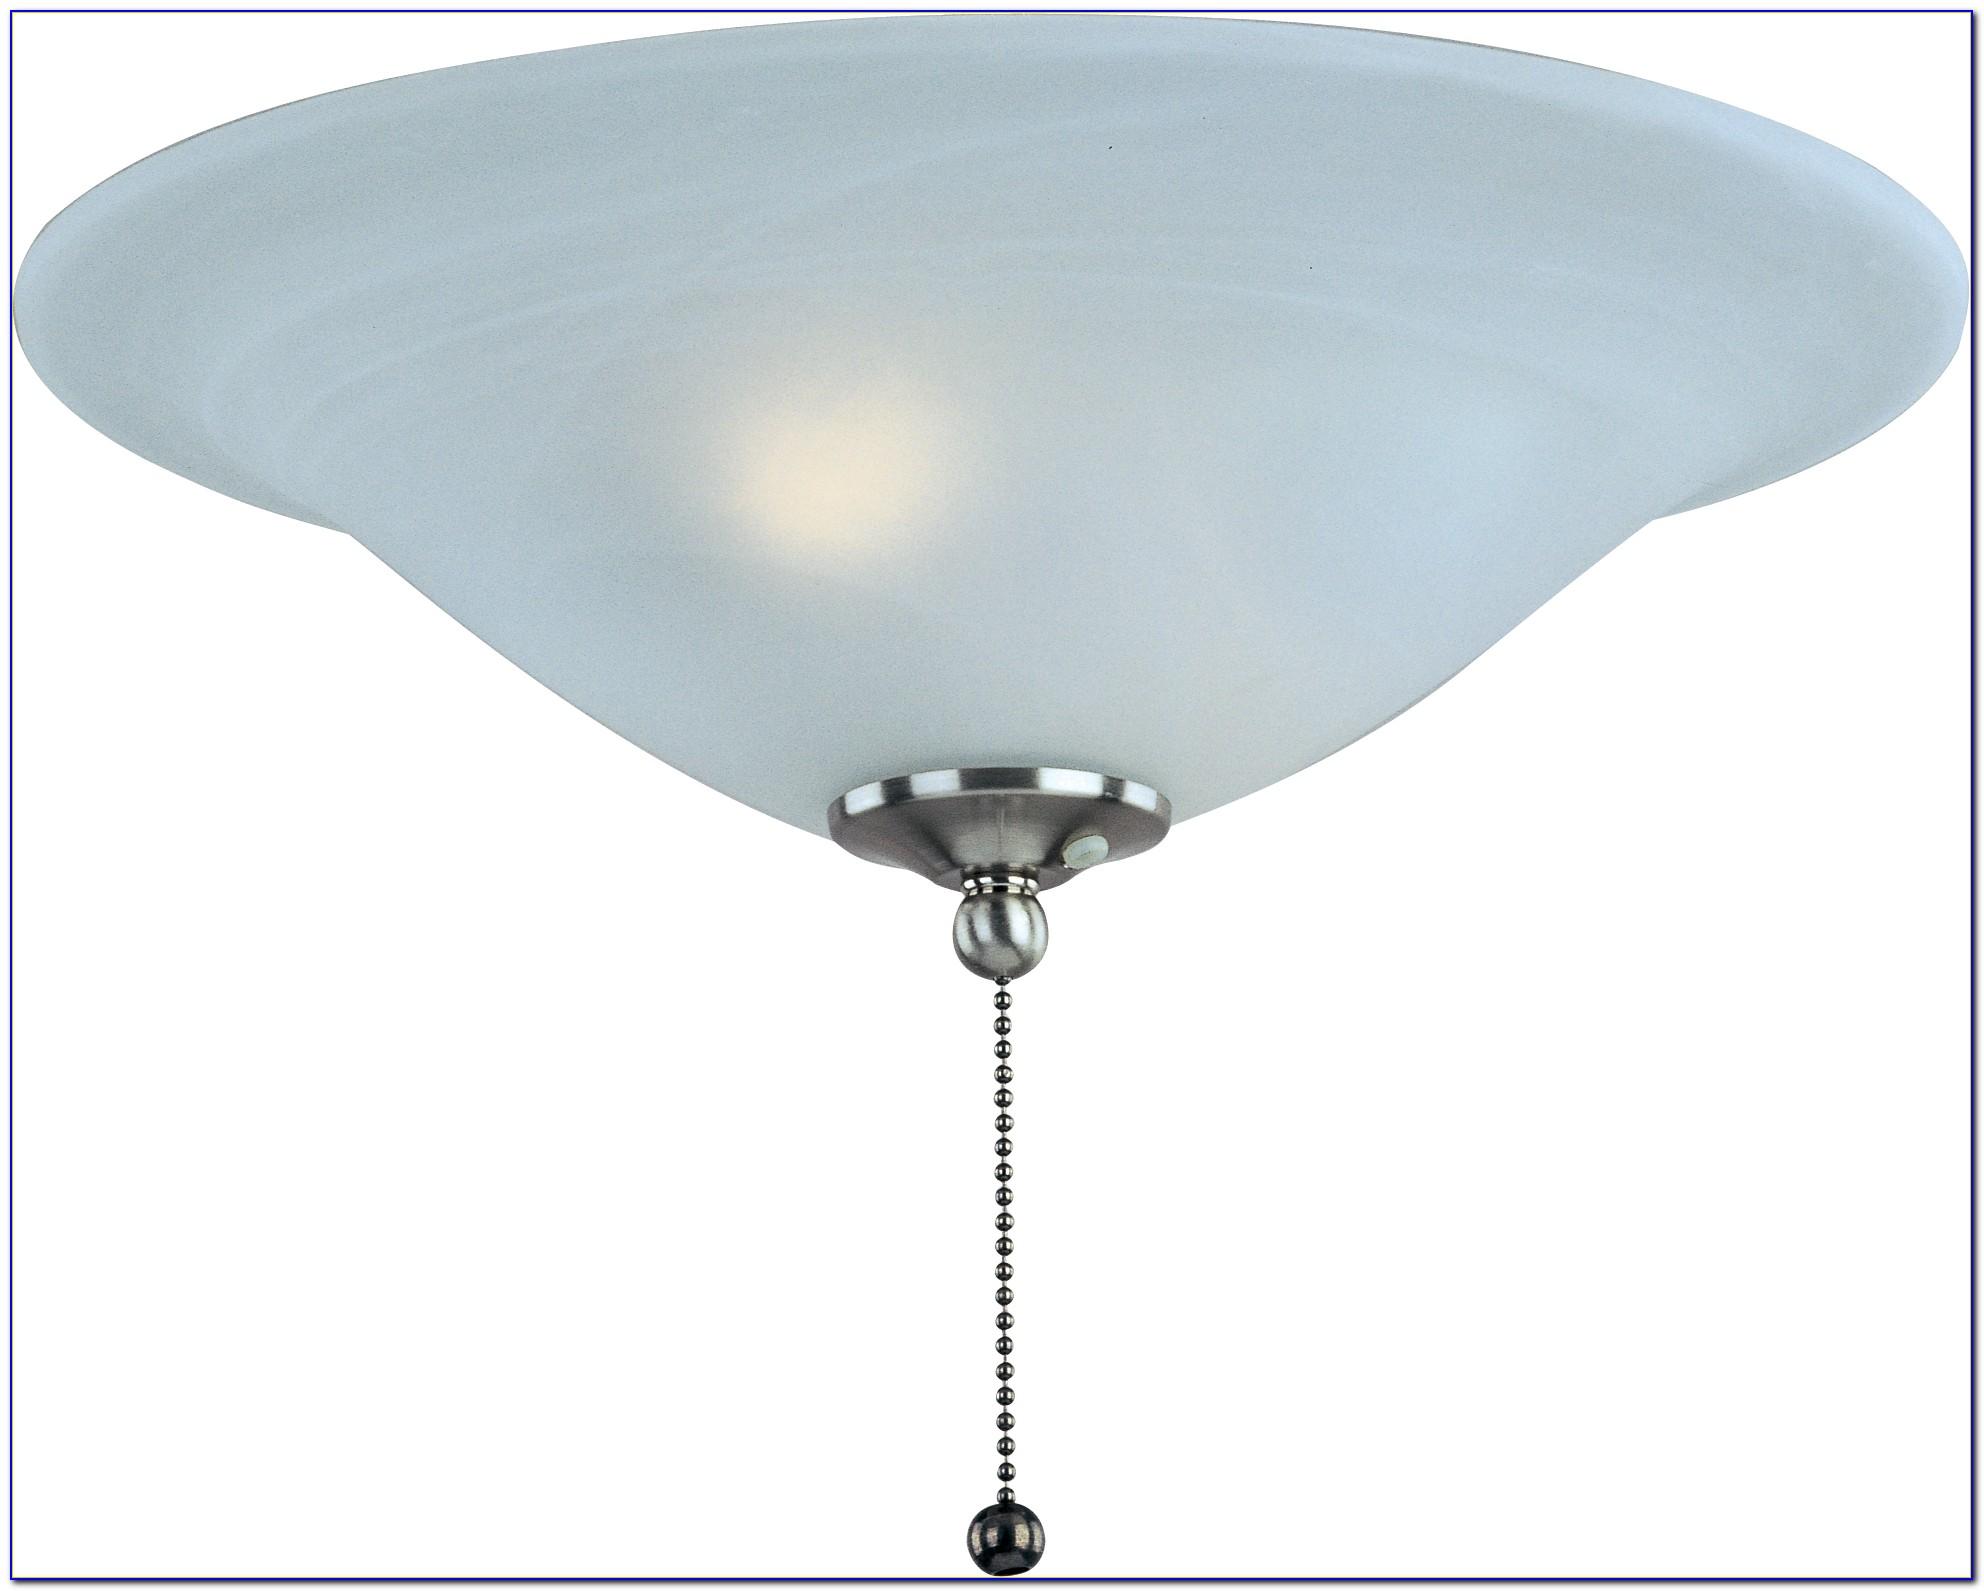 Chandelier Lighting Kit For Ceiling Fan